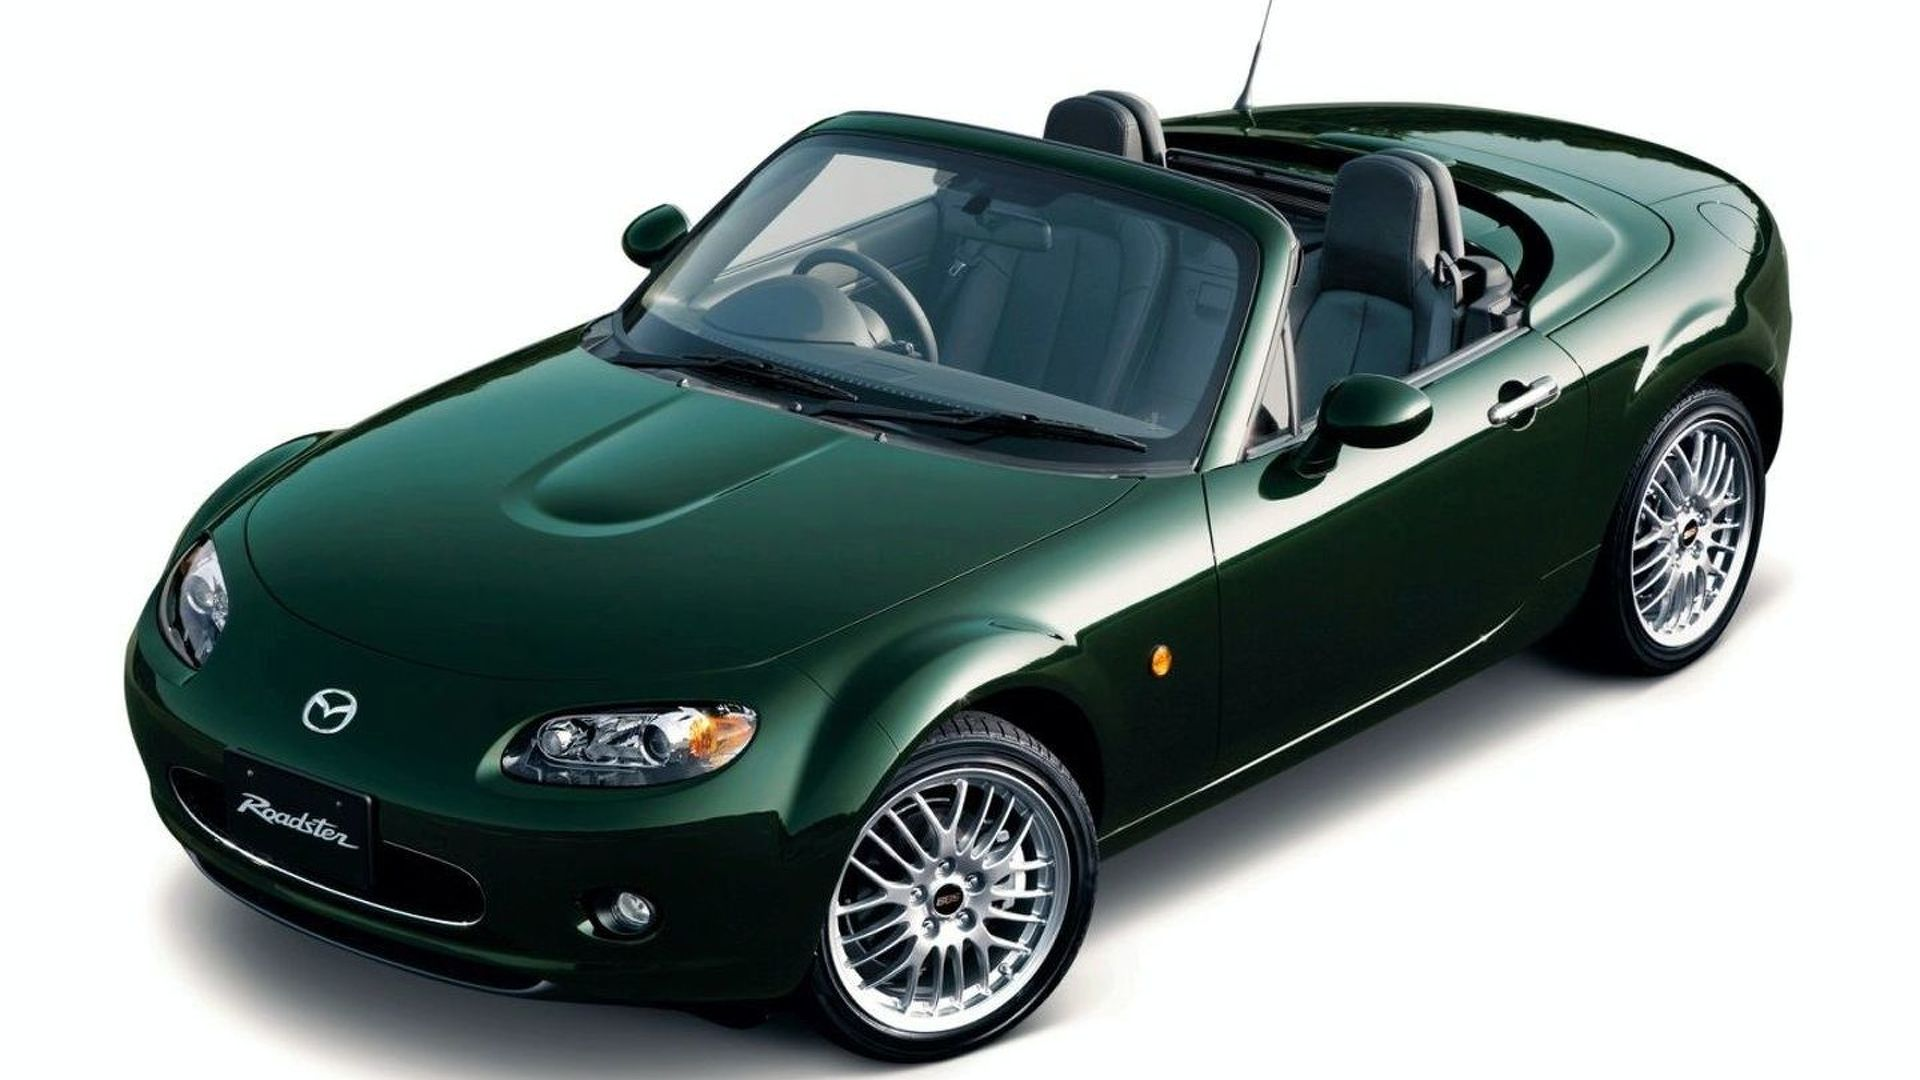 New Mazda Roadster Prestige Edition Released In Japan